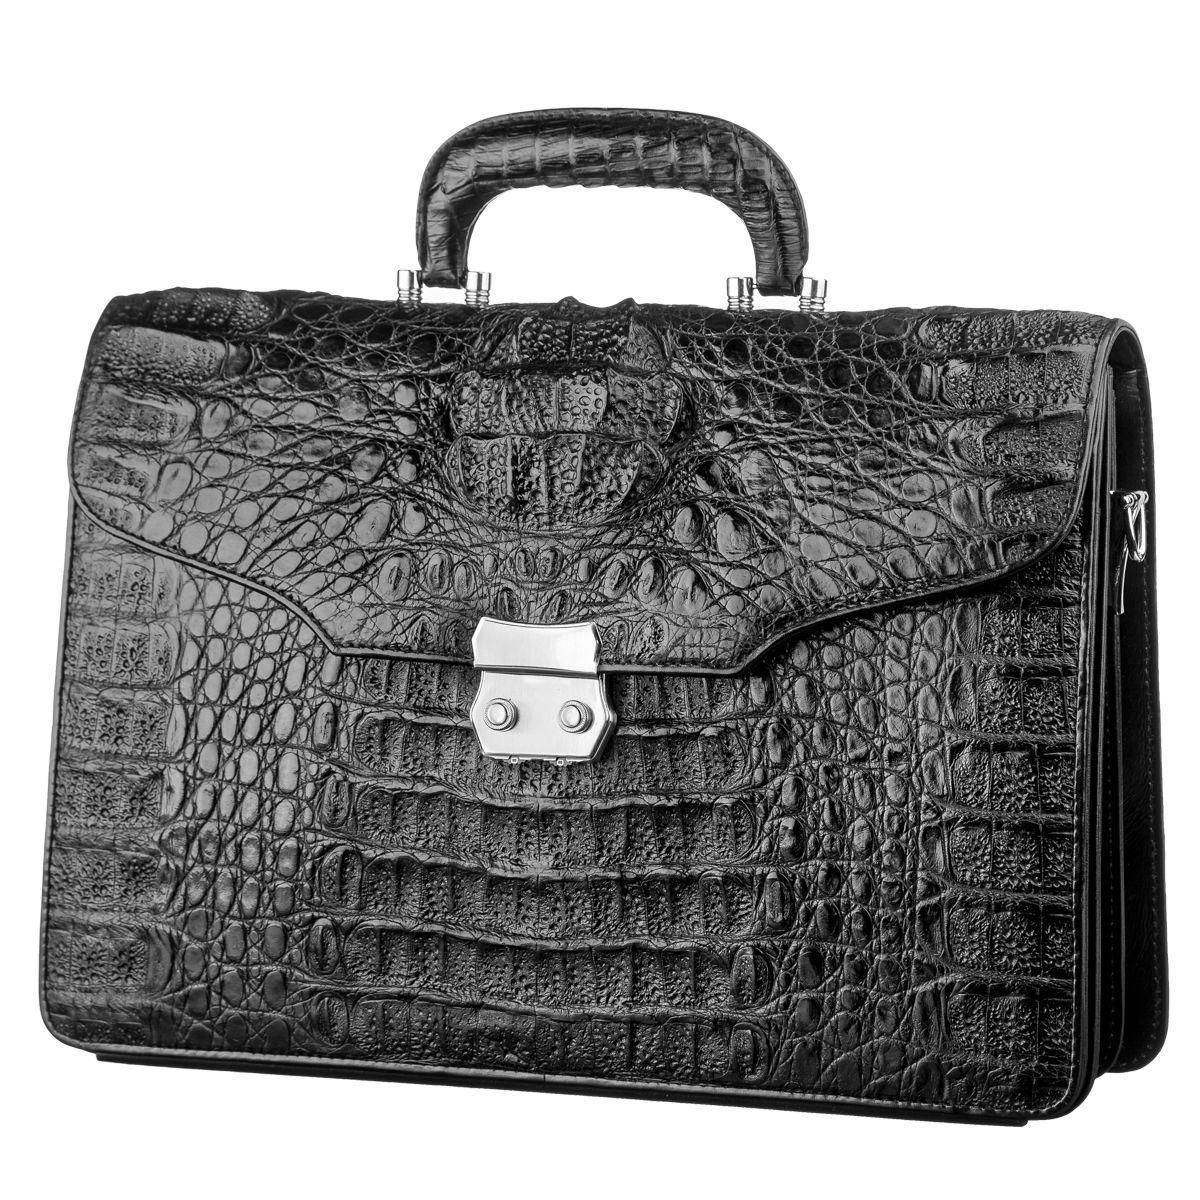 Портфель CROCODILE LEATHER 18048 из натуральной кожи крокодила Черный,Нет в наличии